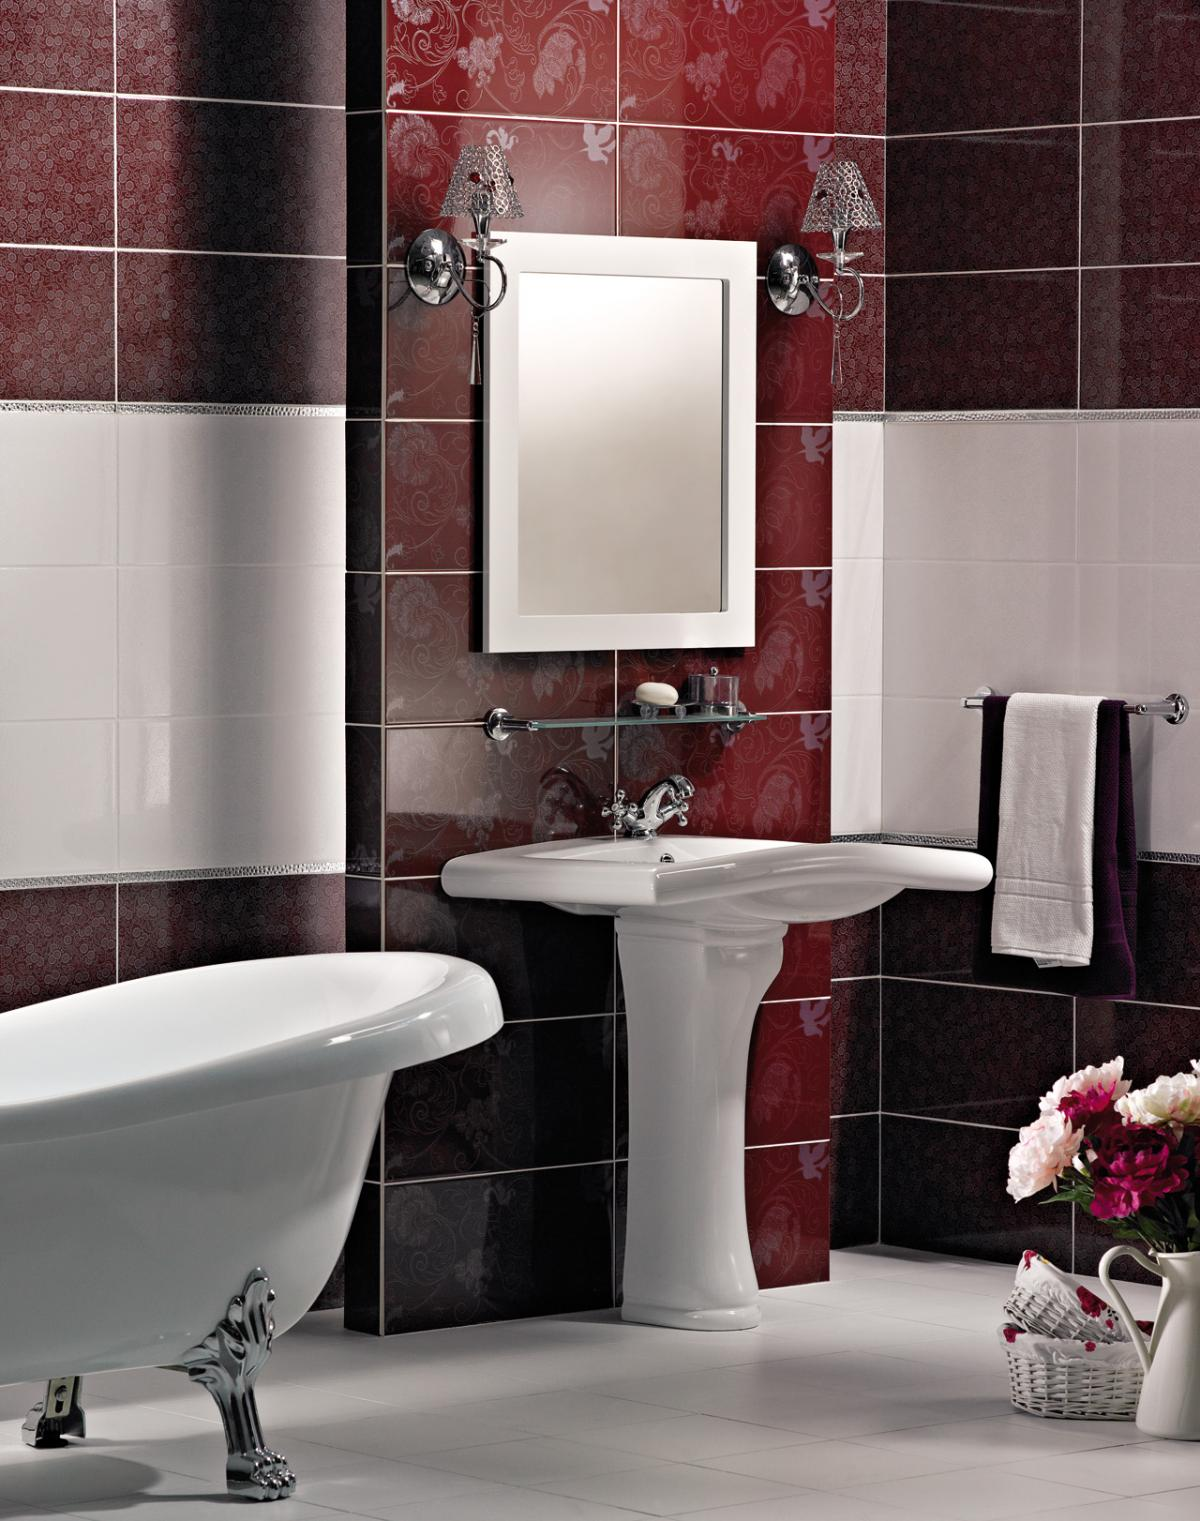 Aranżacje łazienki Castorama 2010 Zdjęcie Aranżacje